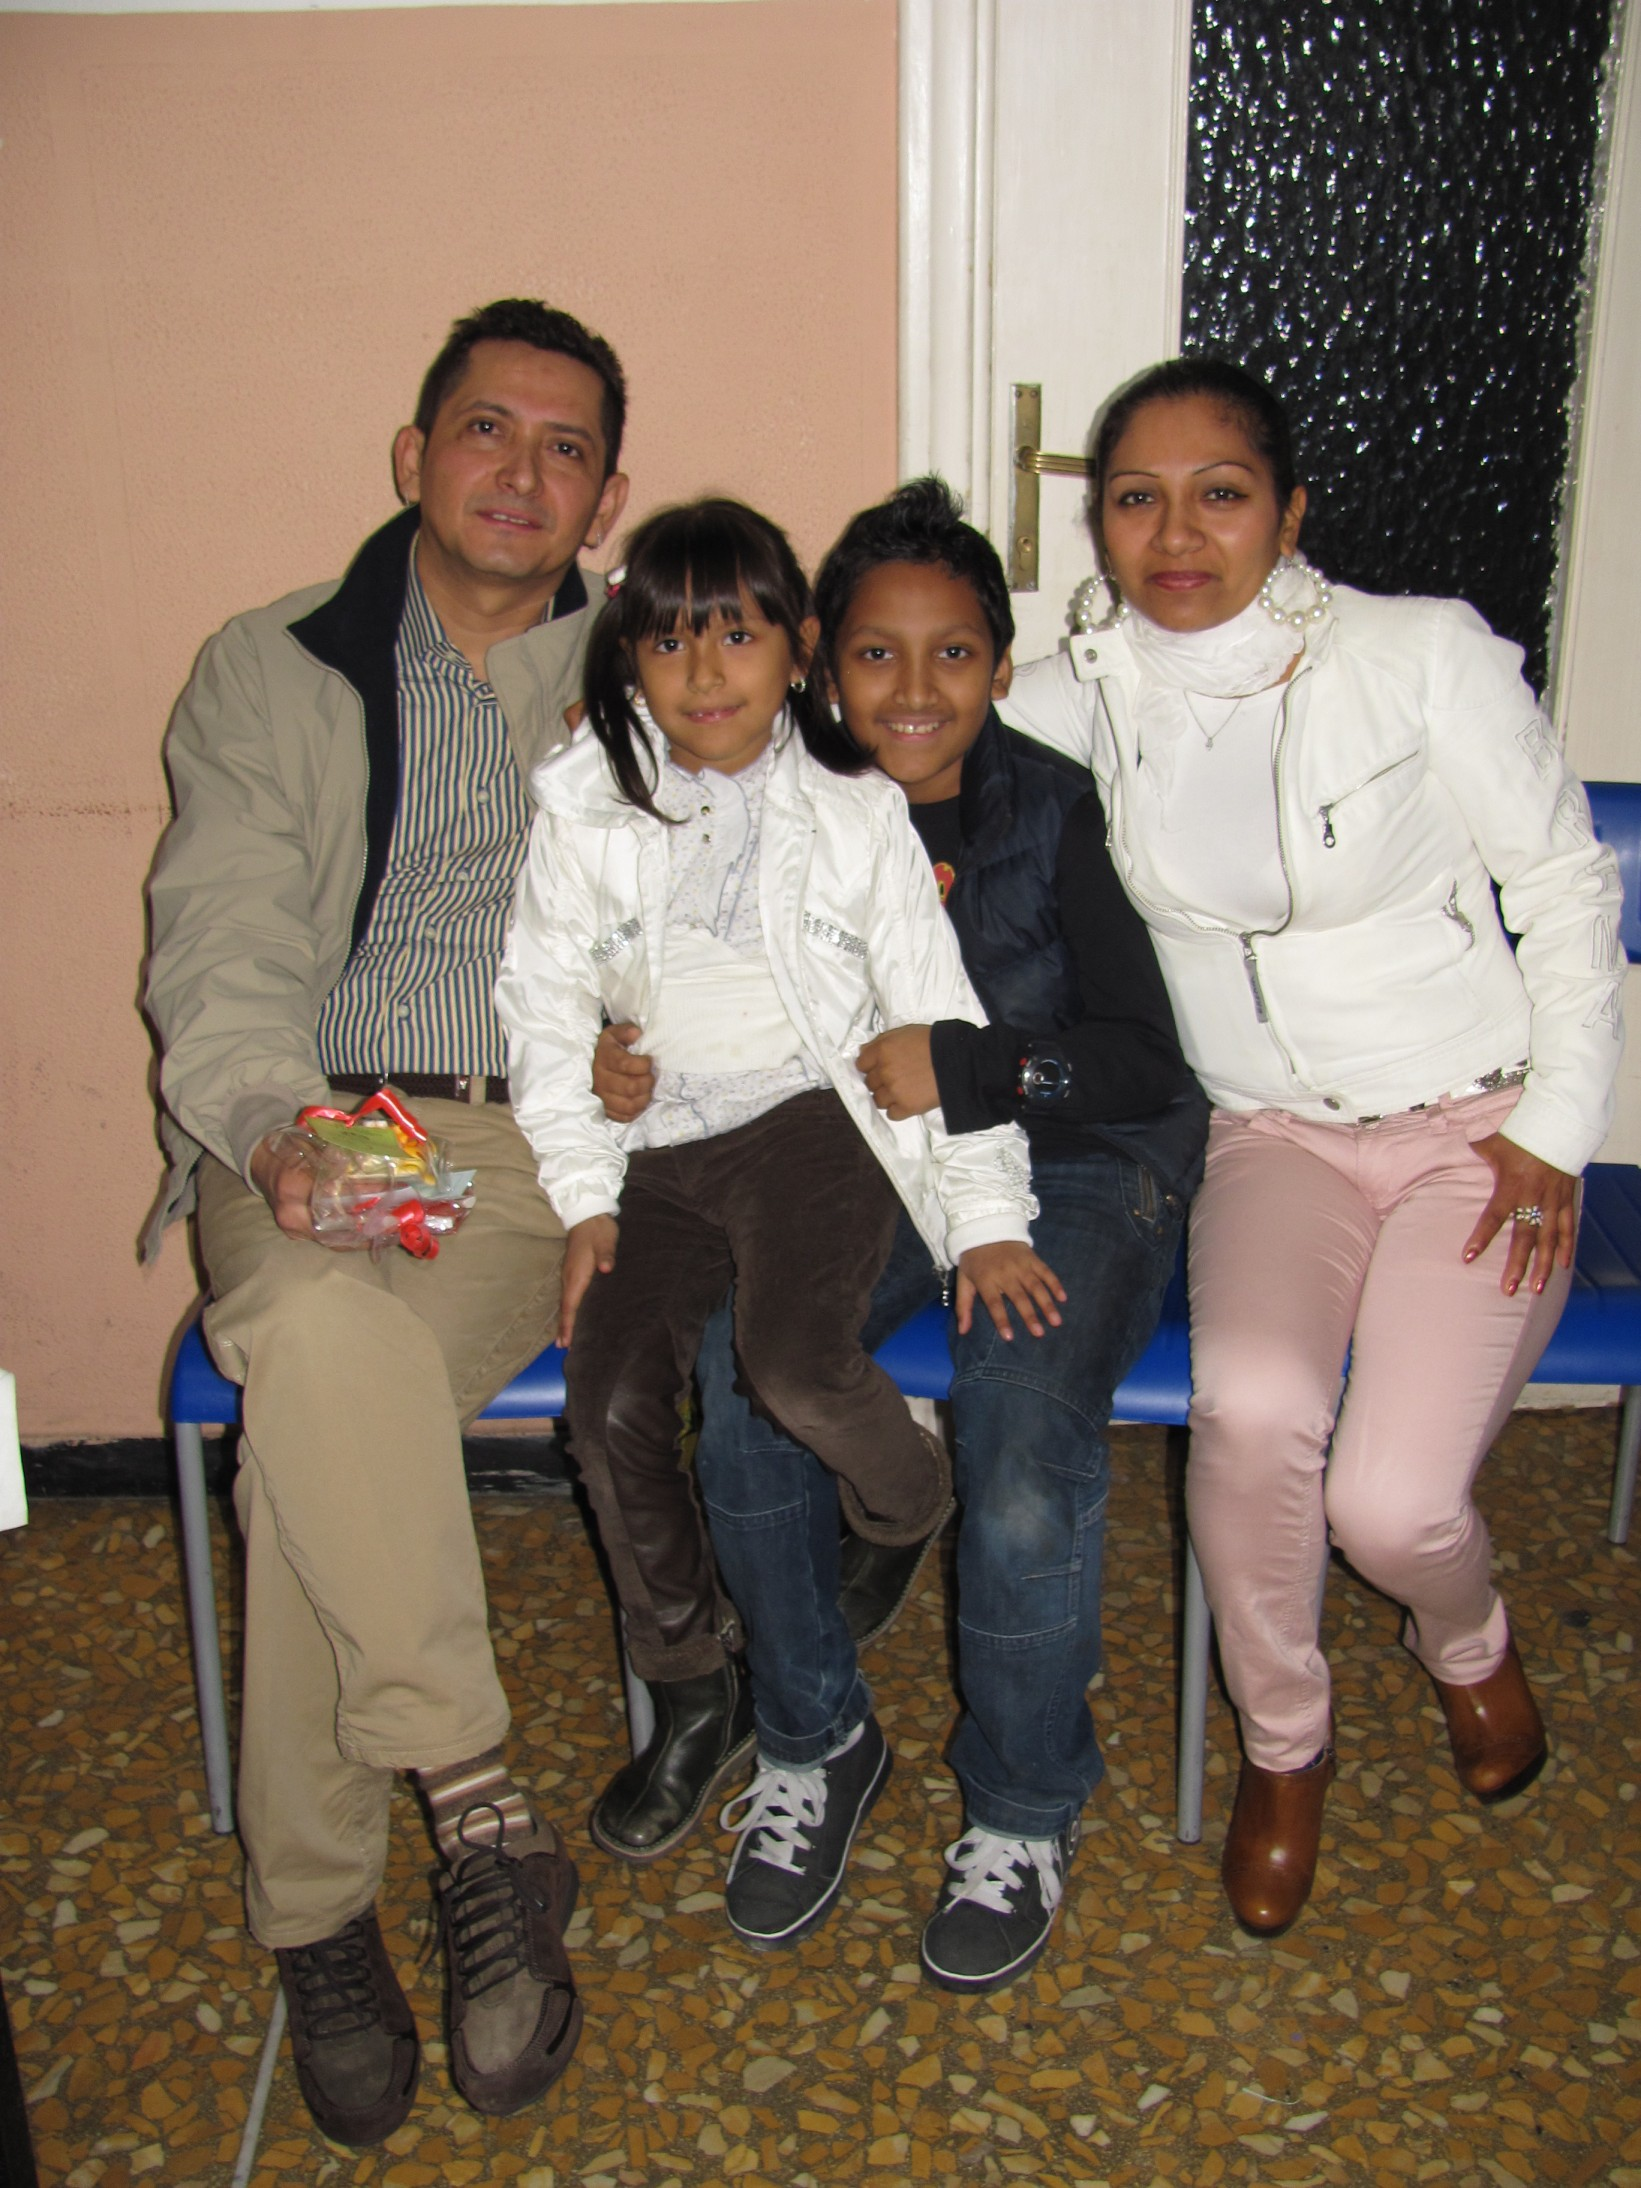 festa_papa_2012-03-17-19-15-54